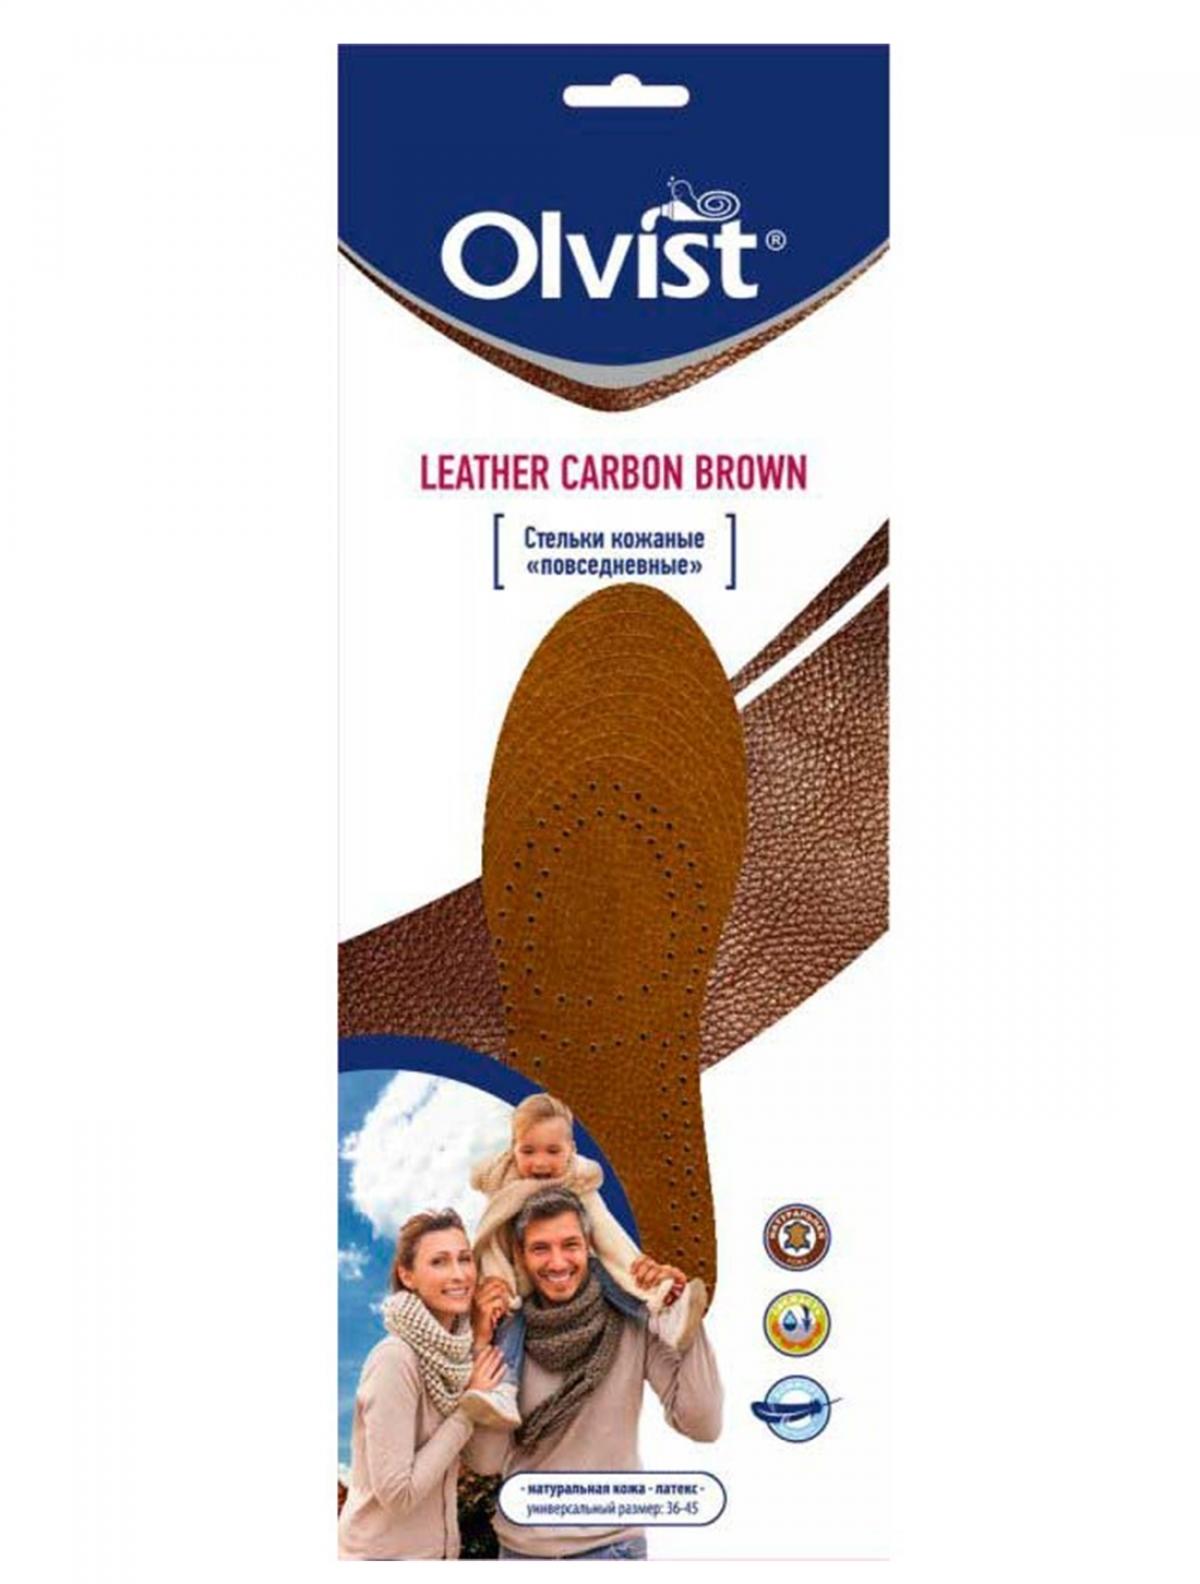 Olvist 222-2024 стельки кожаные